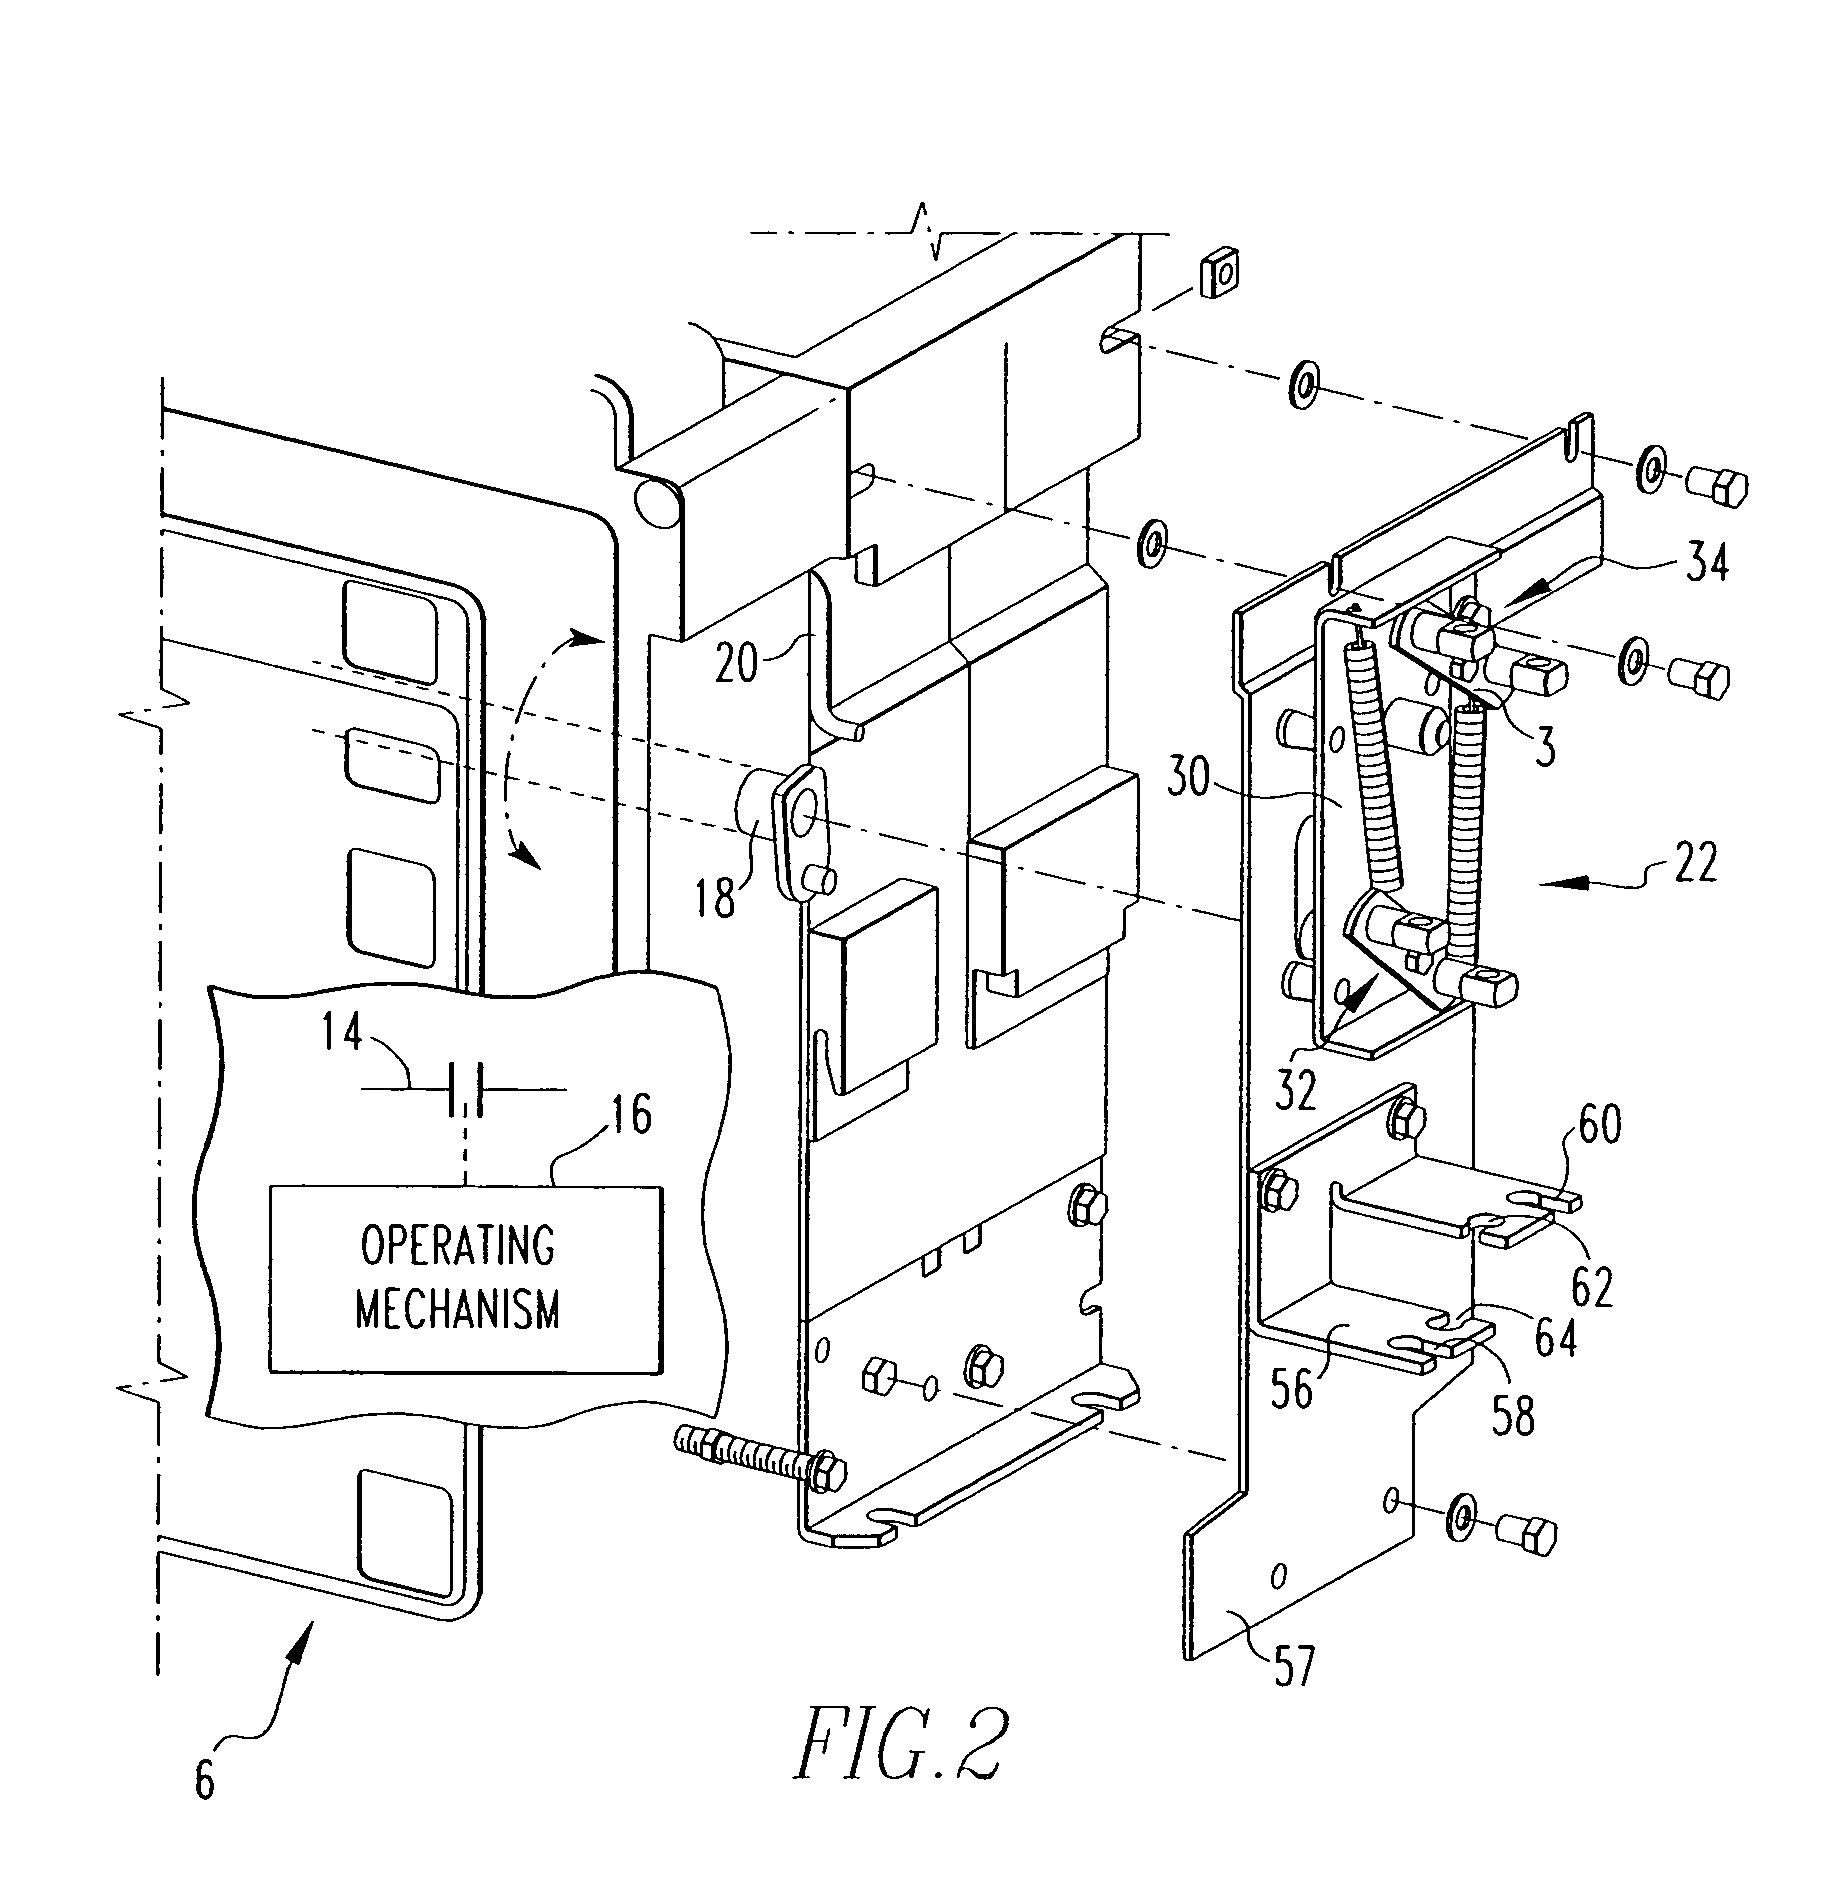 patent us6995327